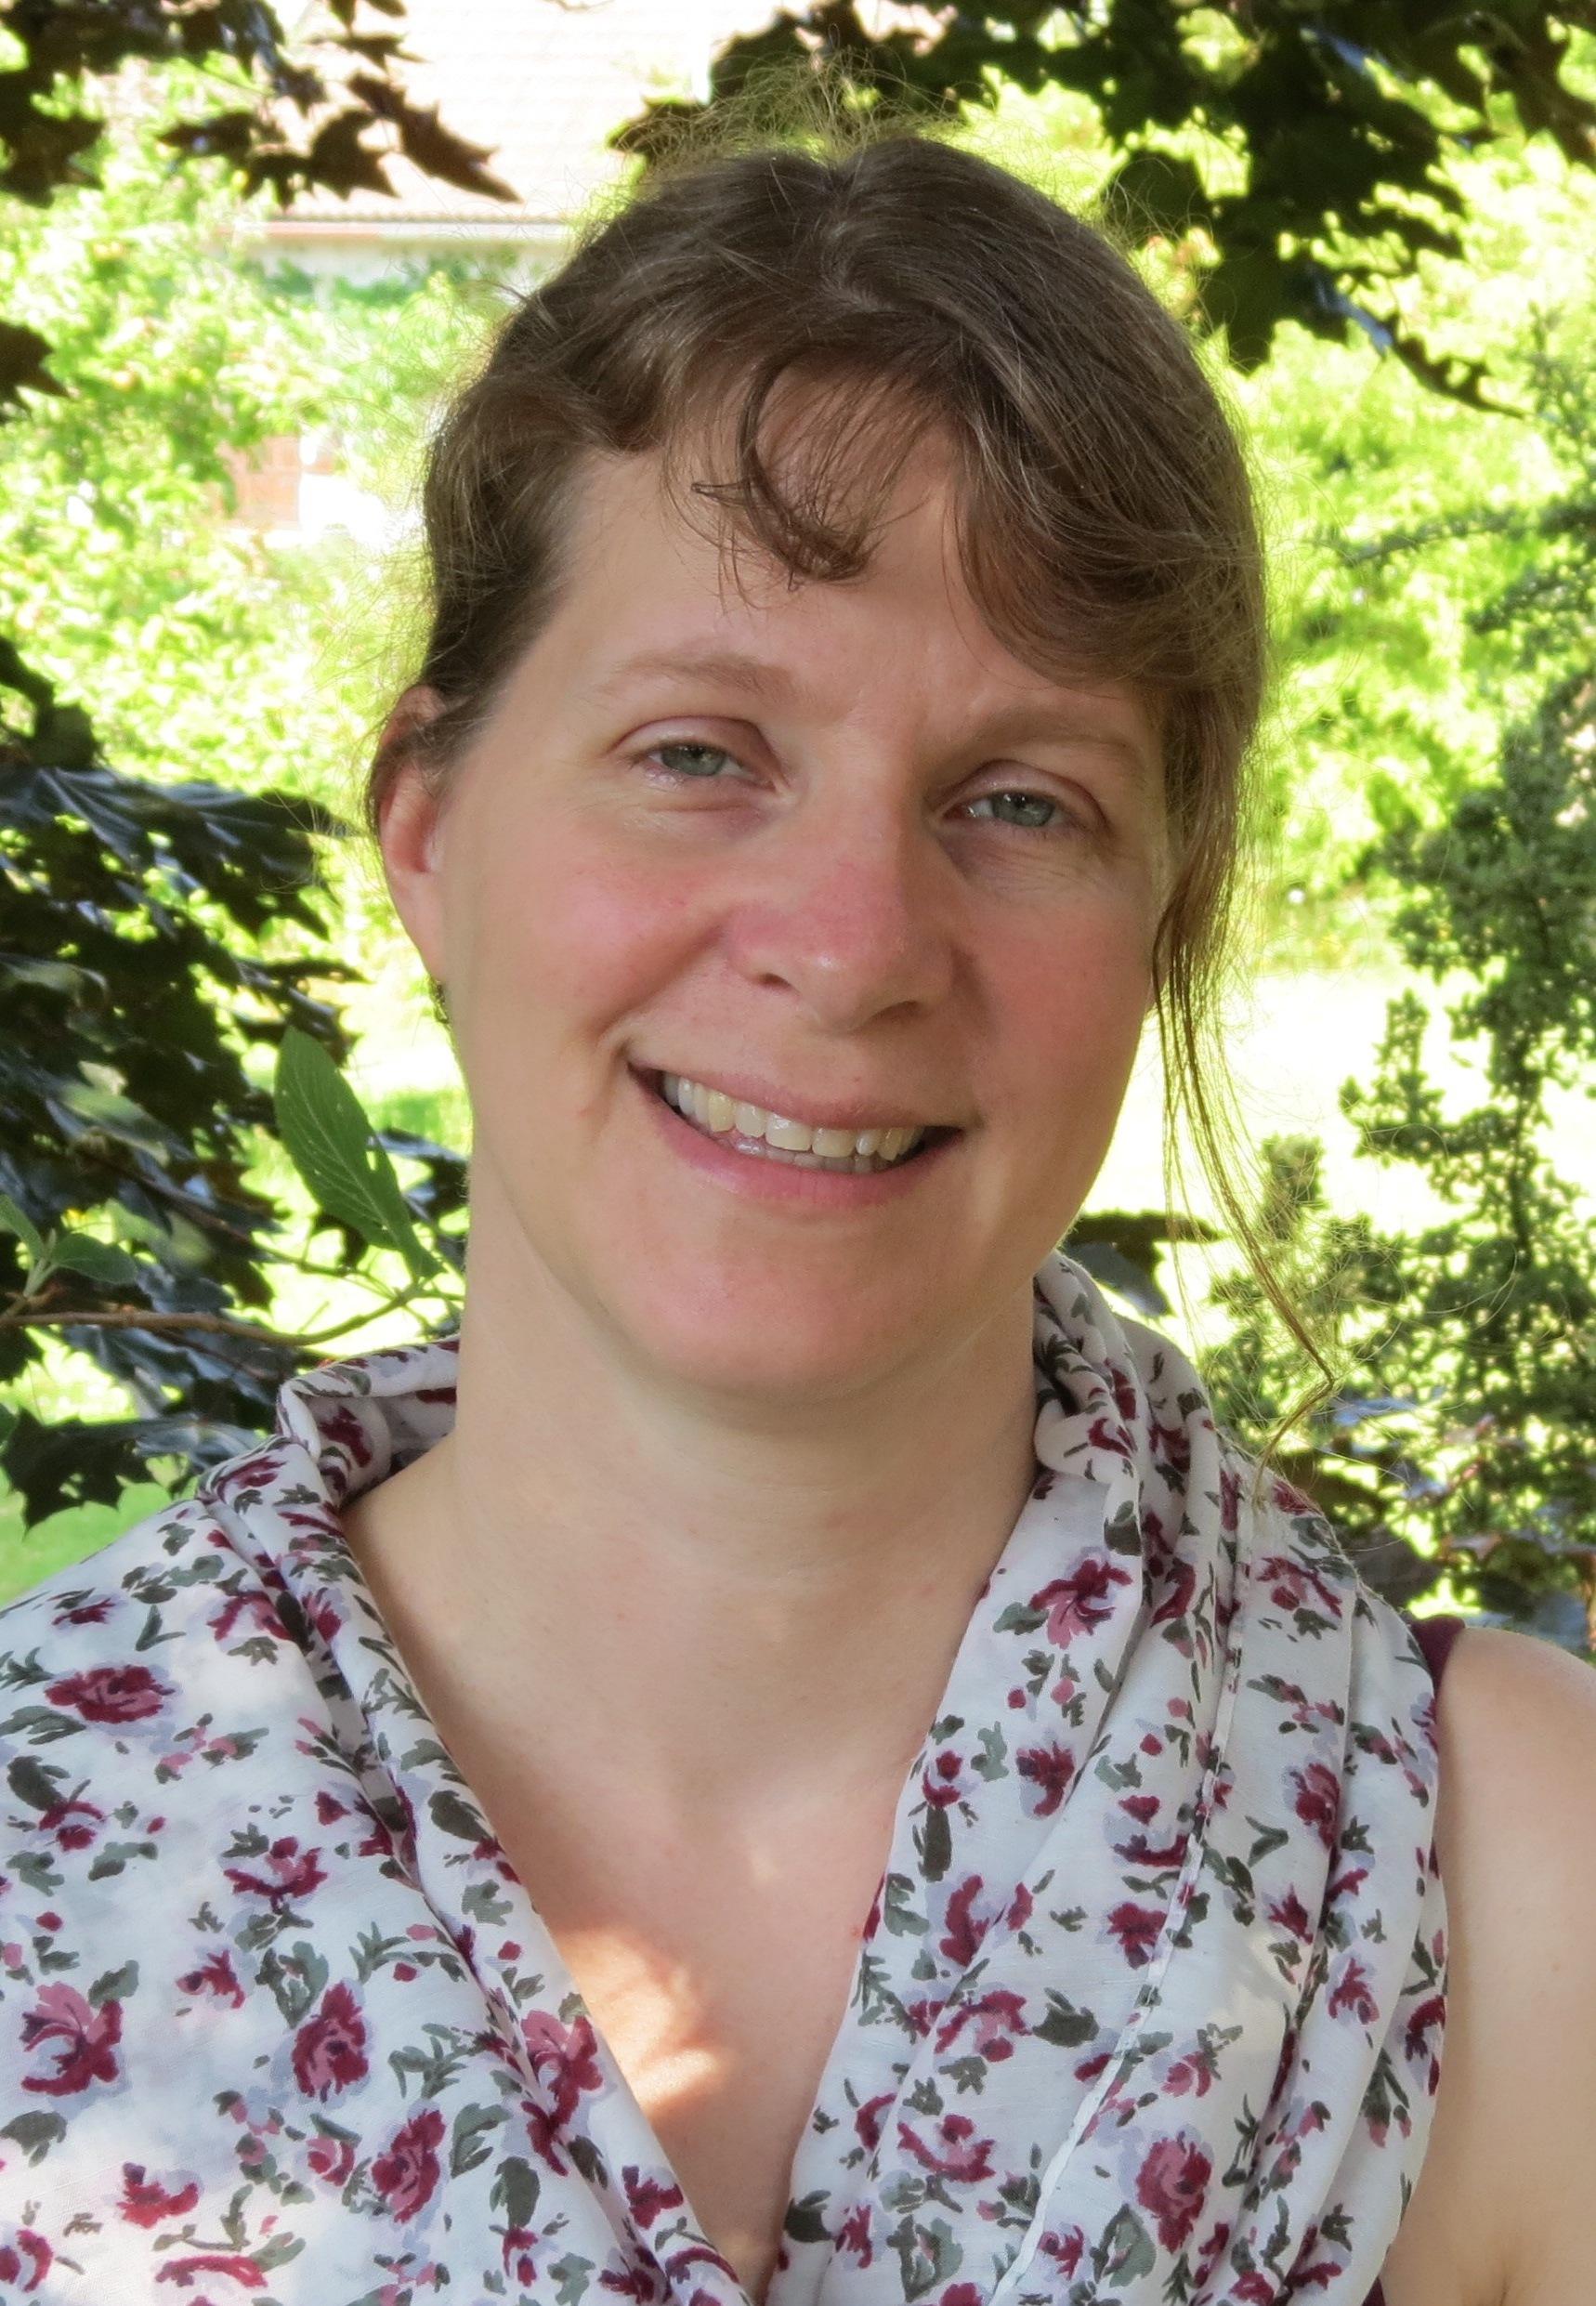 Annette Kahmann Meisner